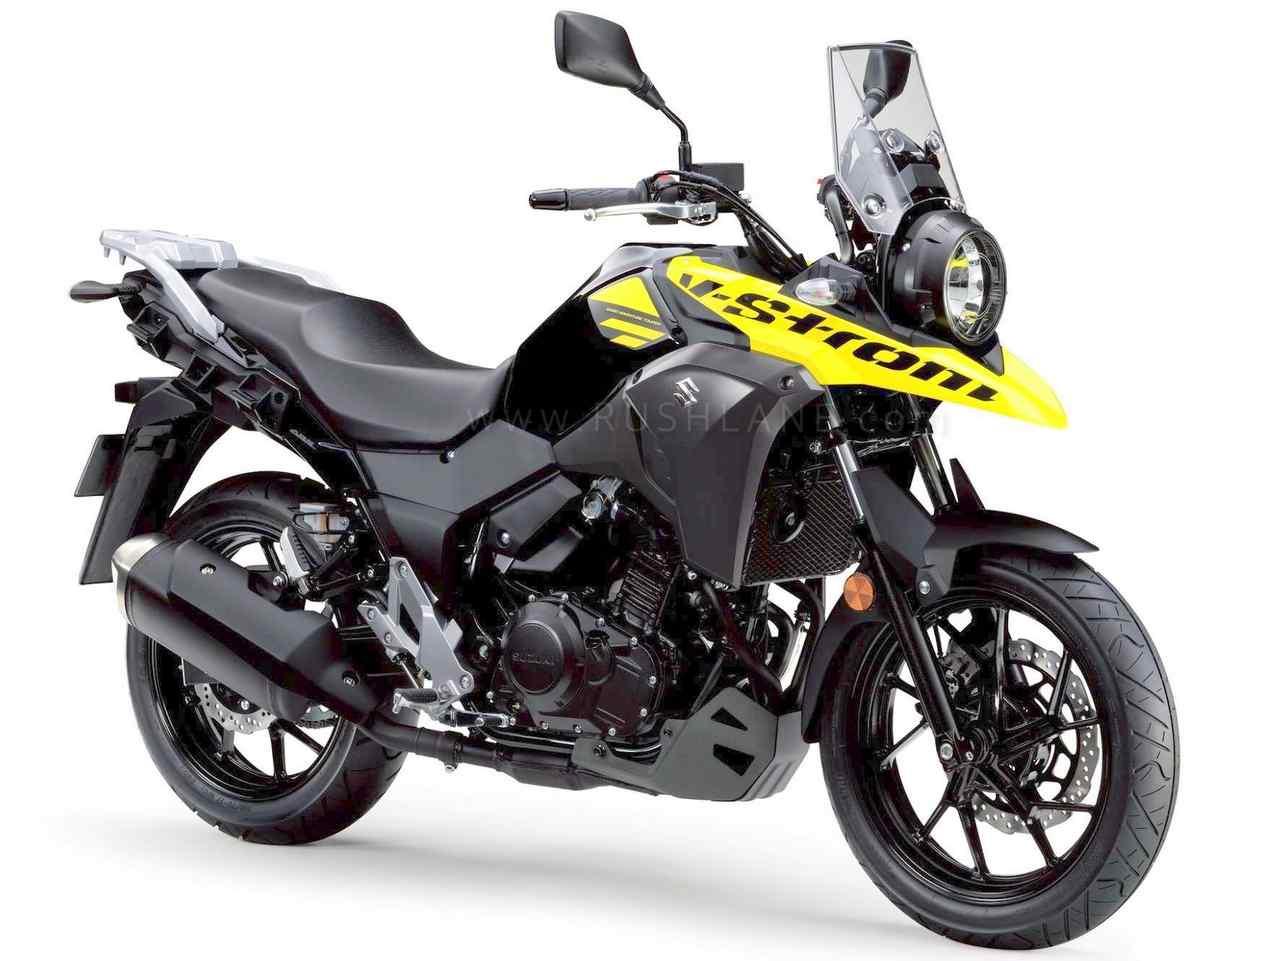 Suzuki Intruder 250 or Adventure 250 for India - Development starts